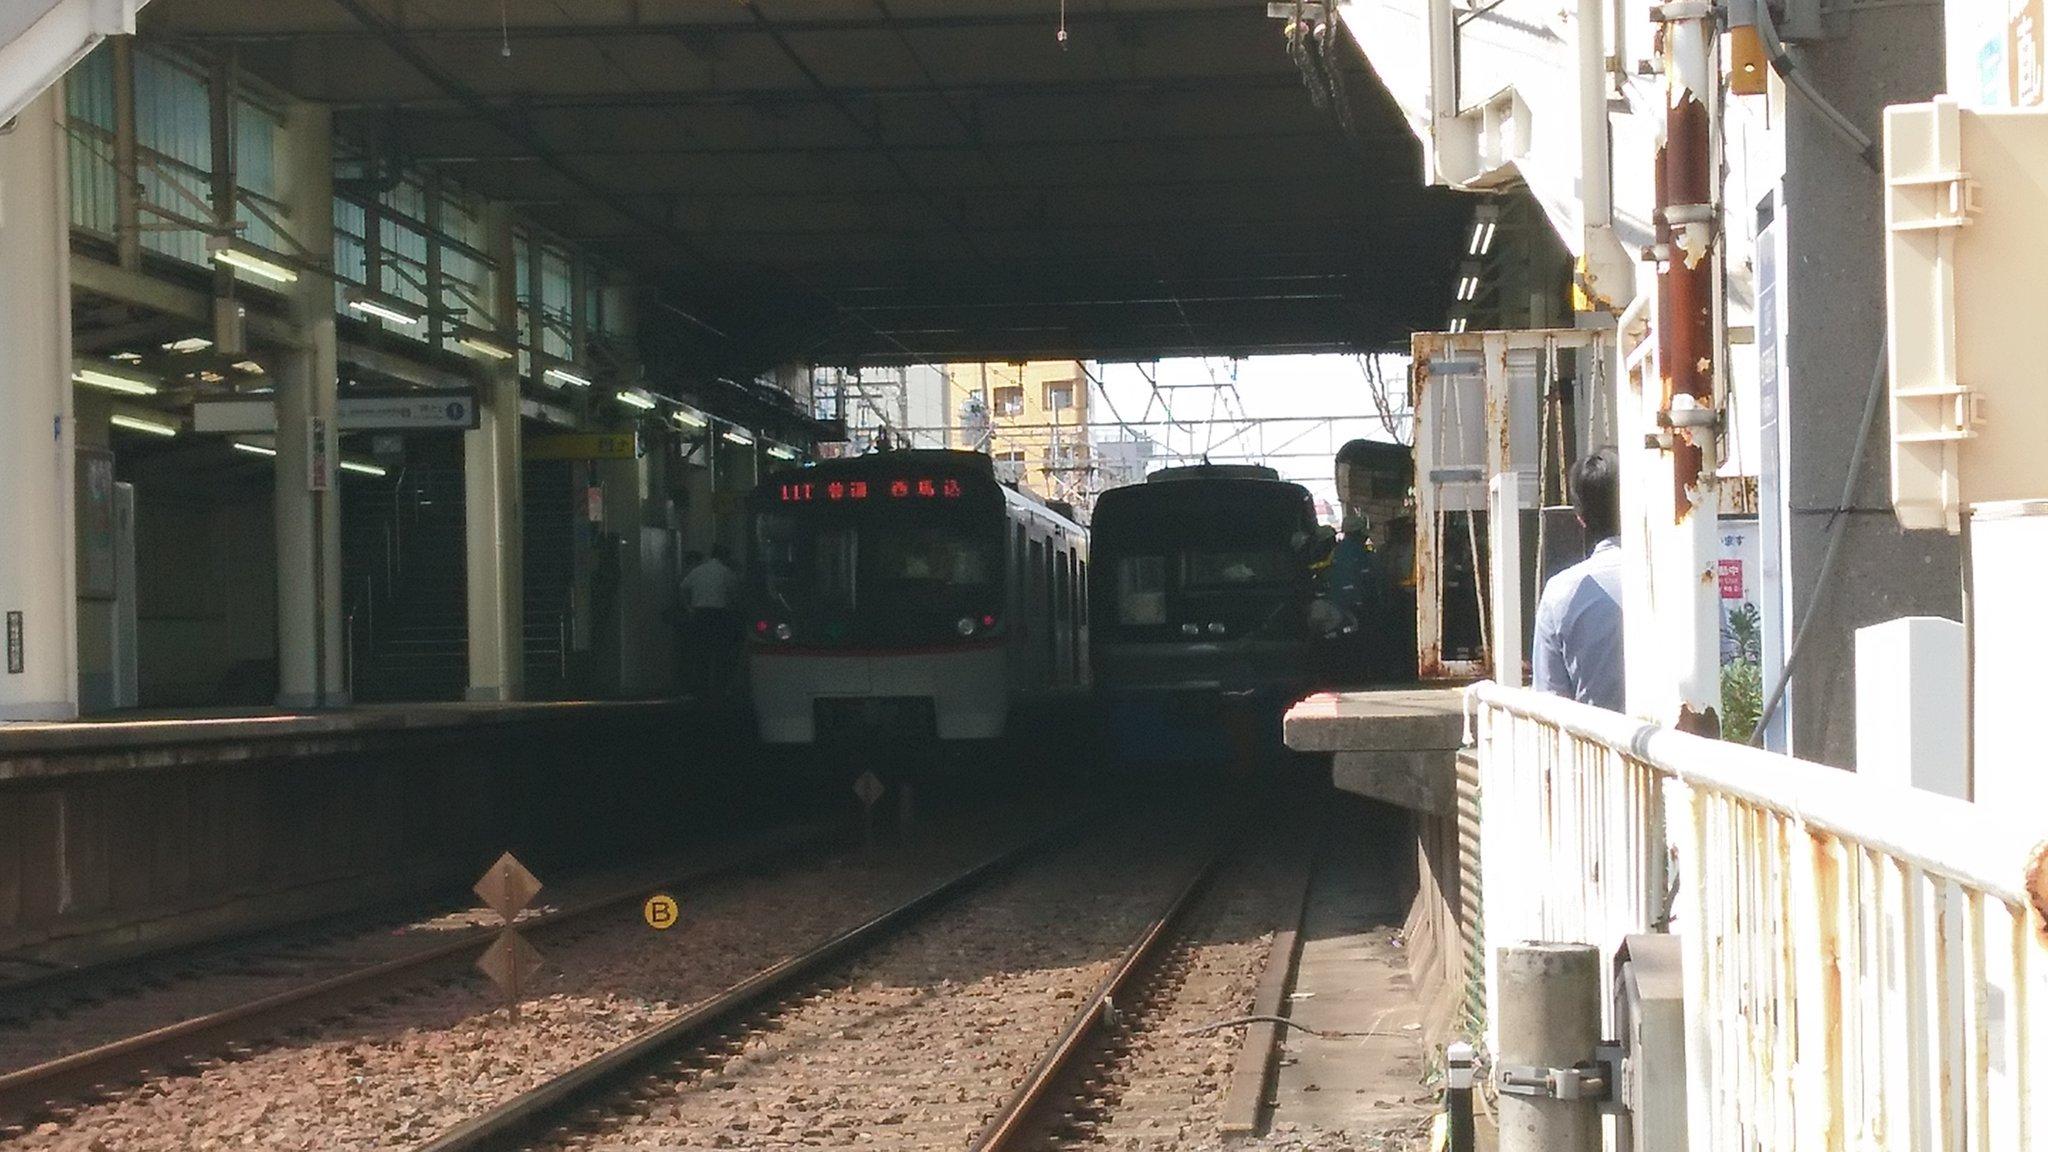 京成立石駅の人身事故で救護活動している現場の画像